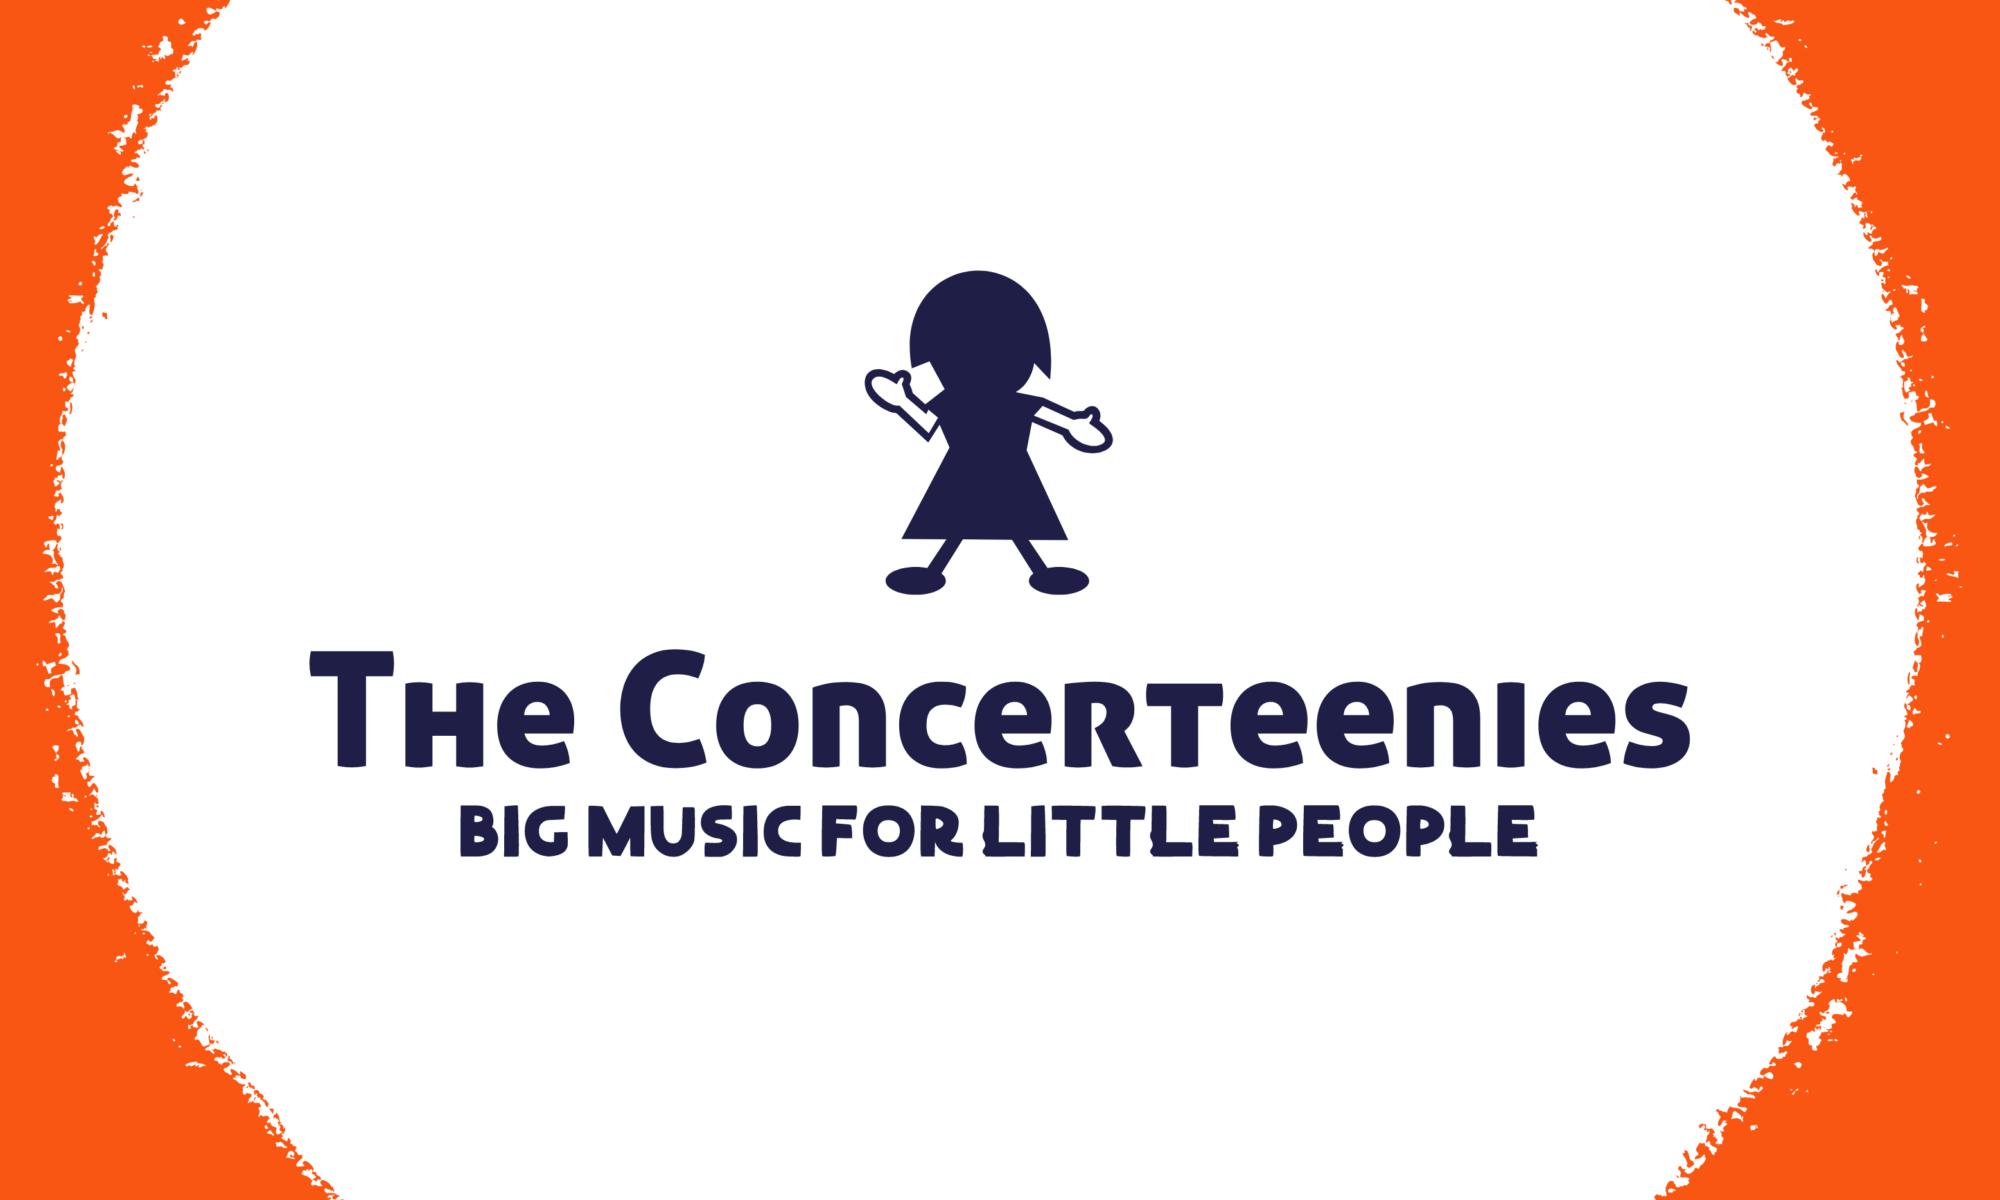 The Concerteenies